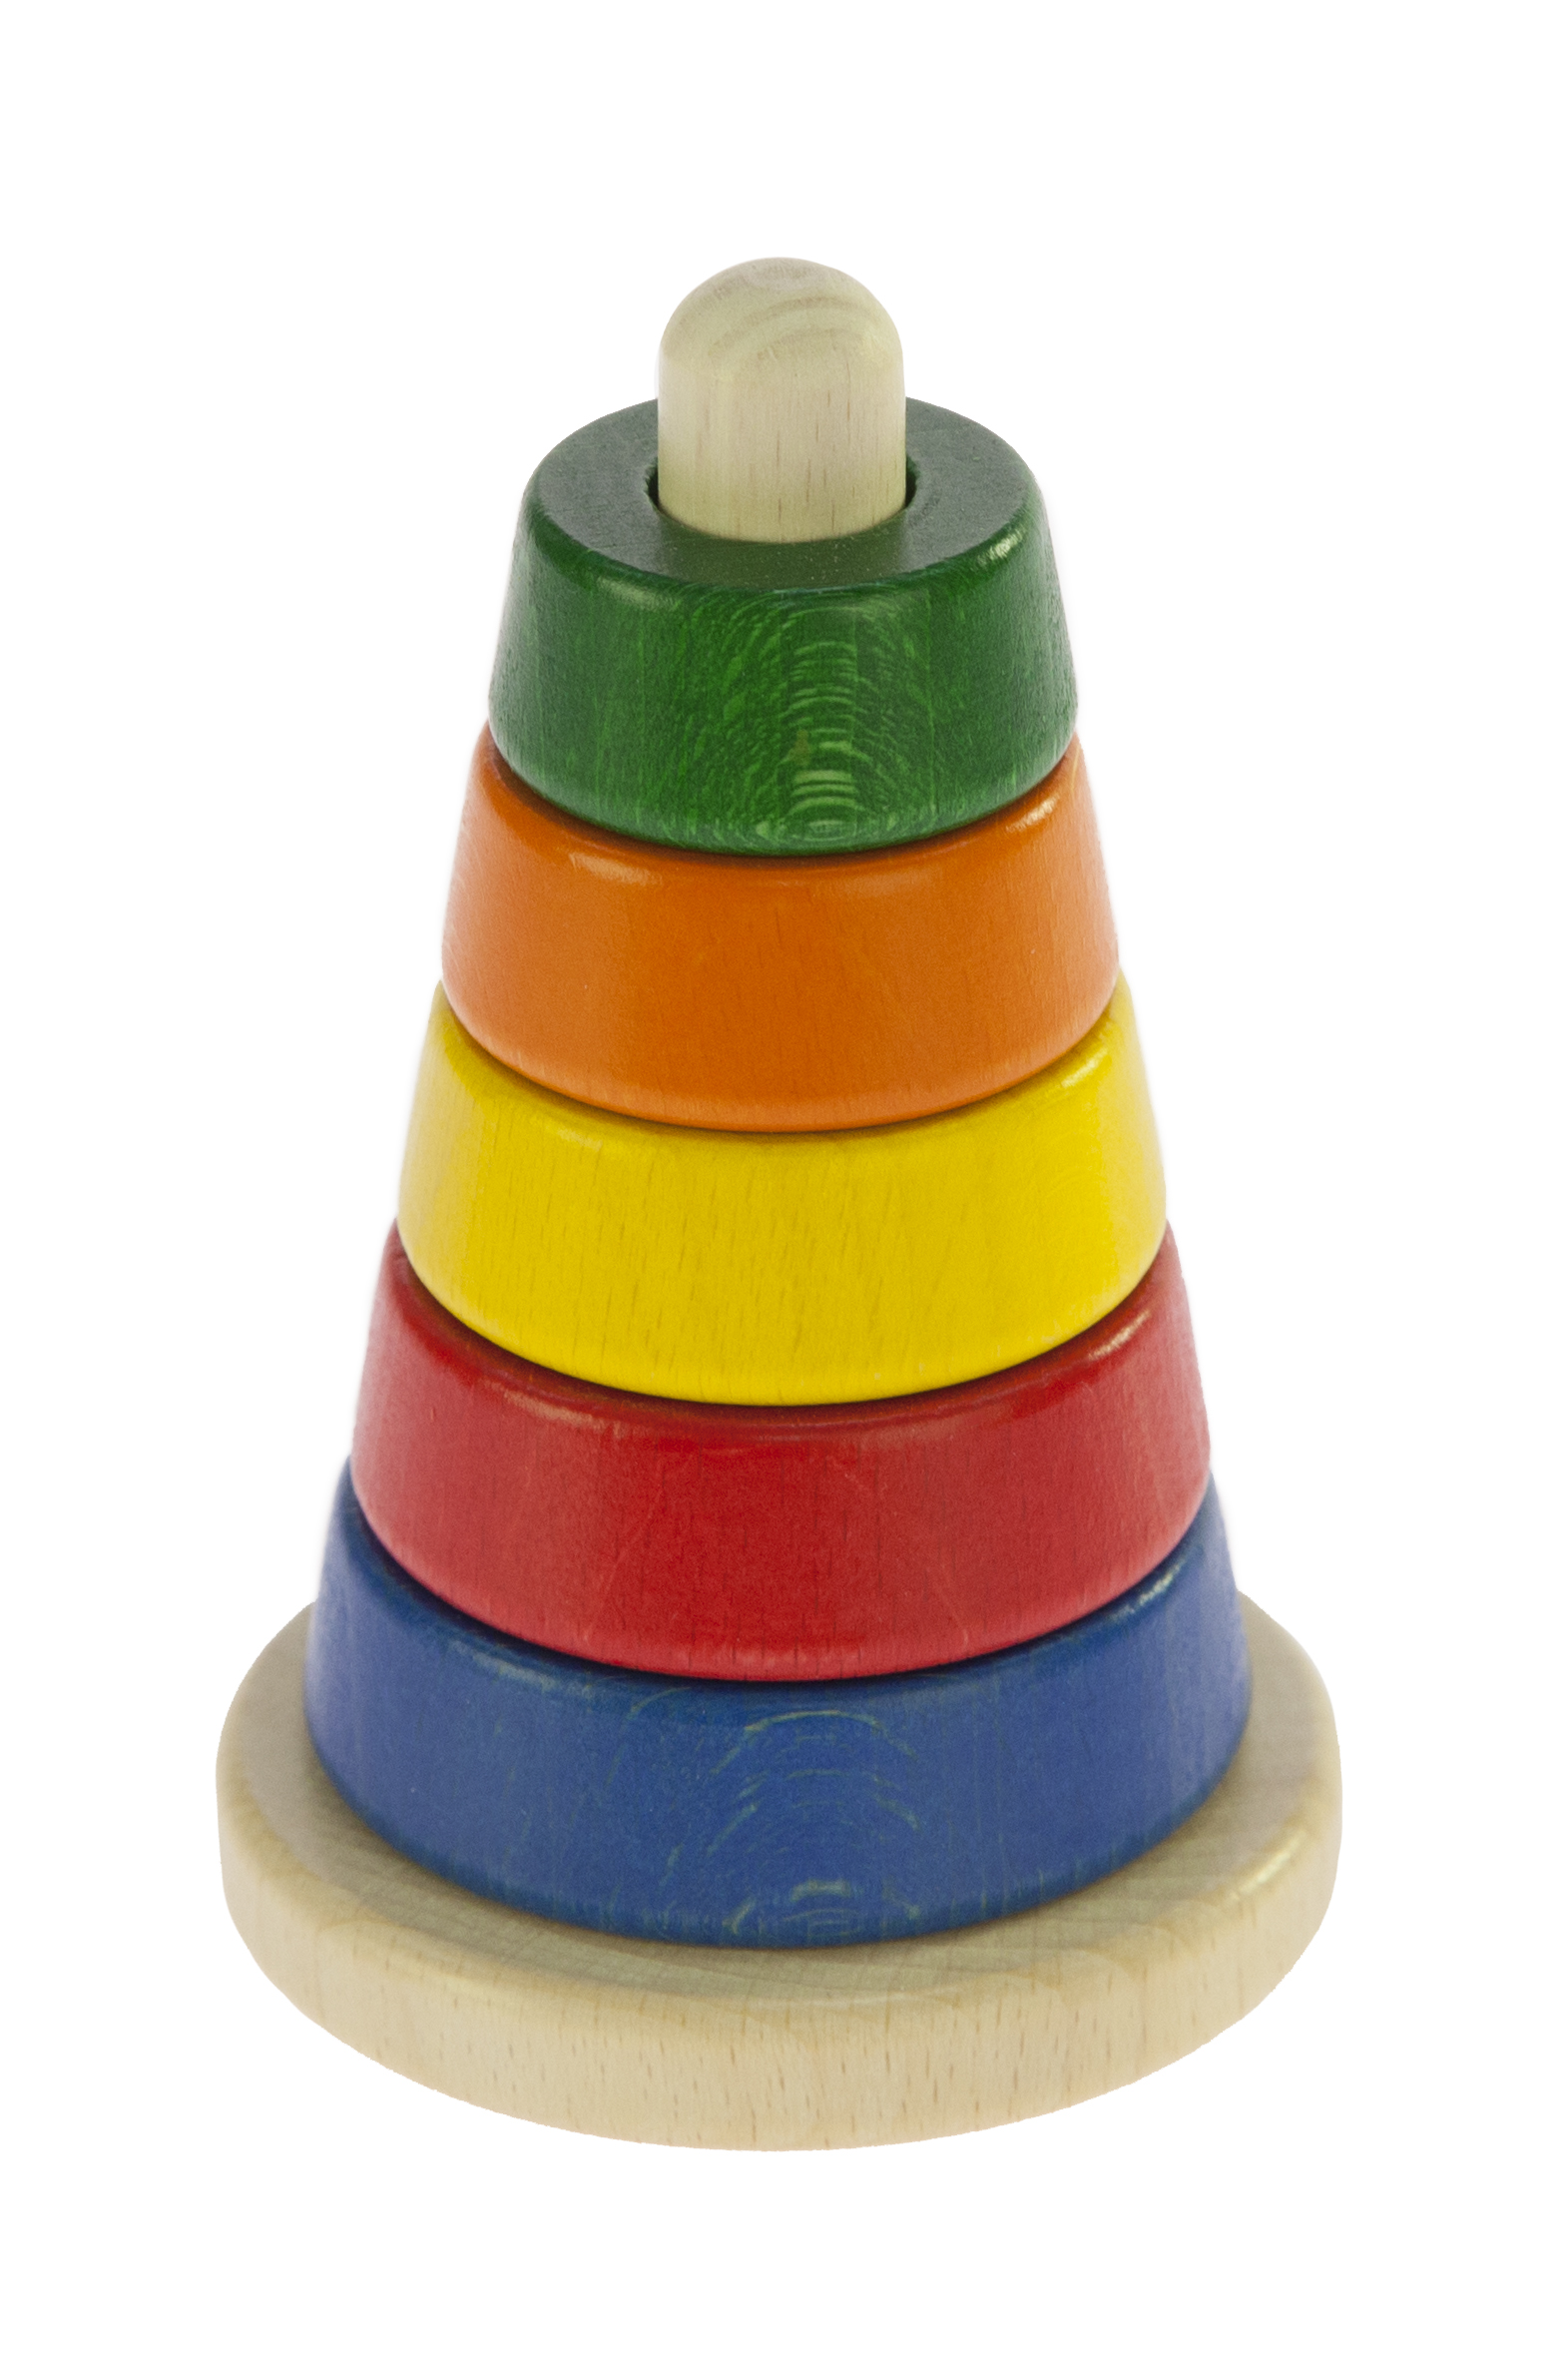 nic Пирамидка деревянная коническая разноцветная